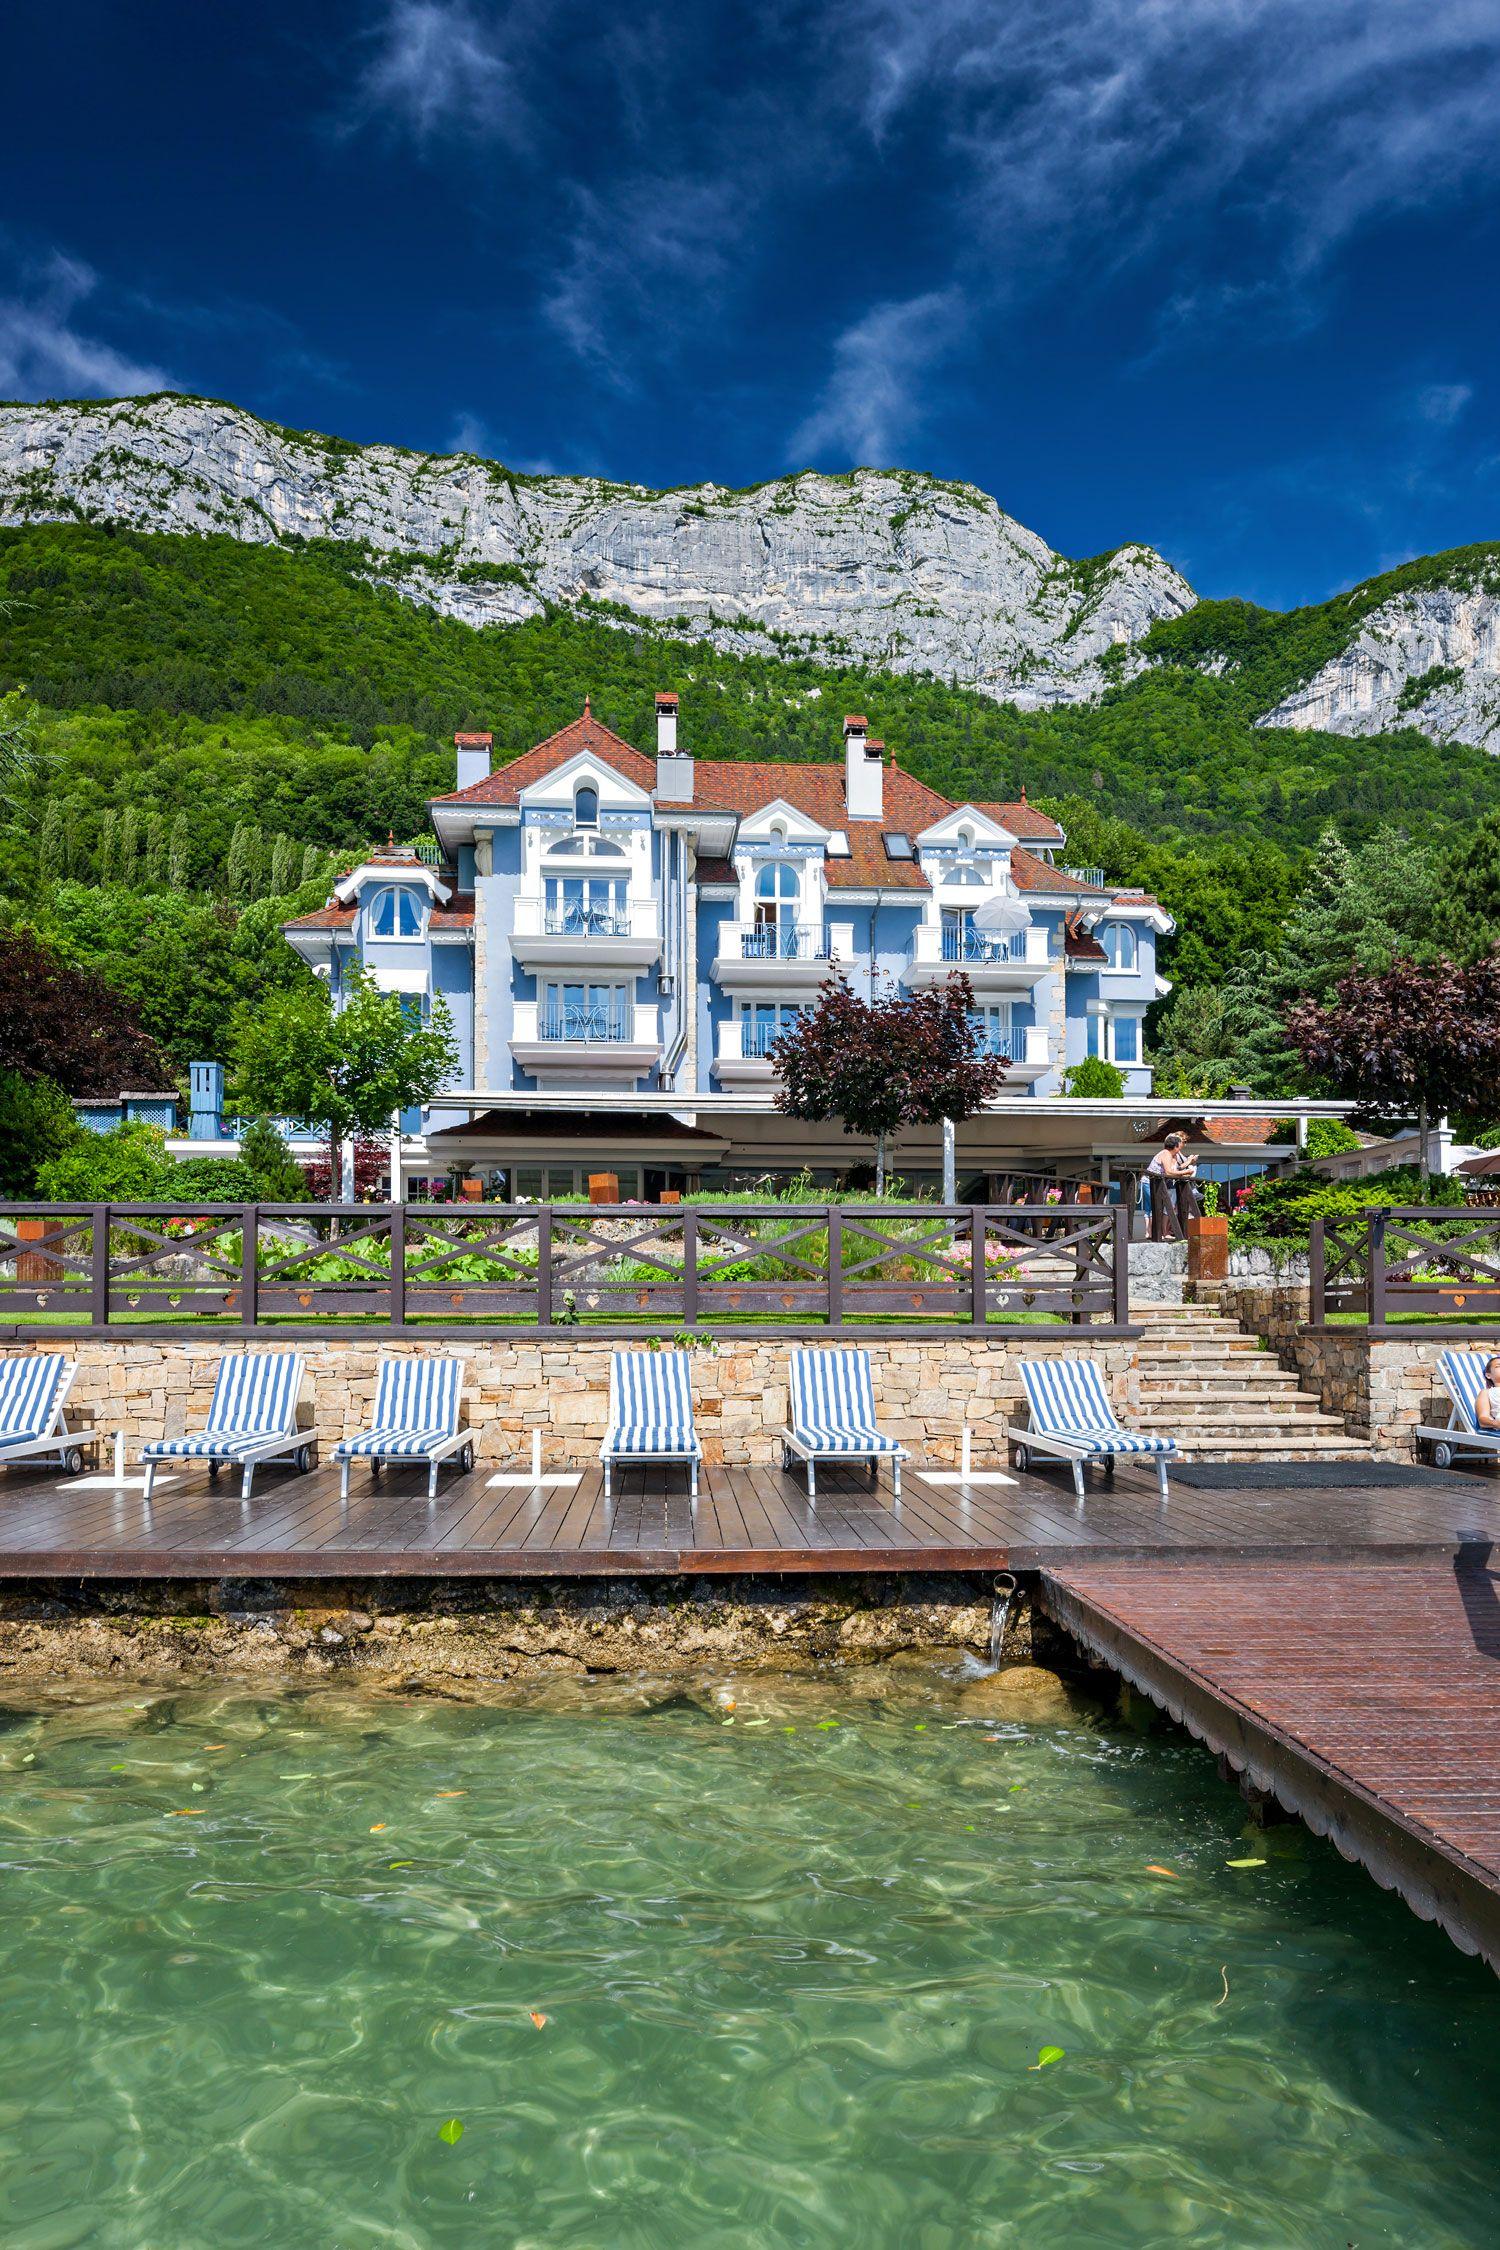 La maison bleue restaurant annecy ventana blog for Annecy maison